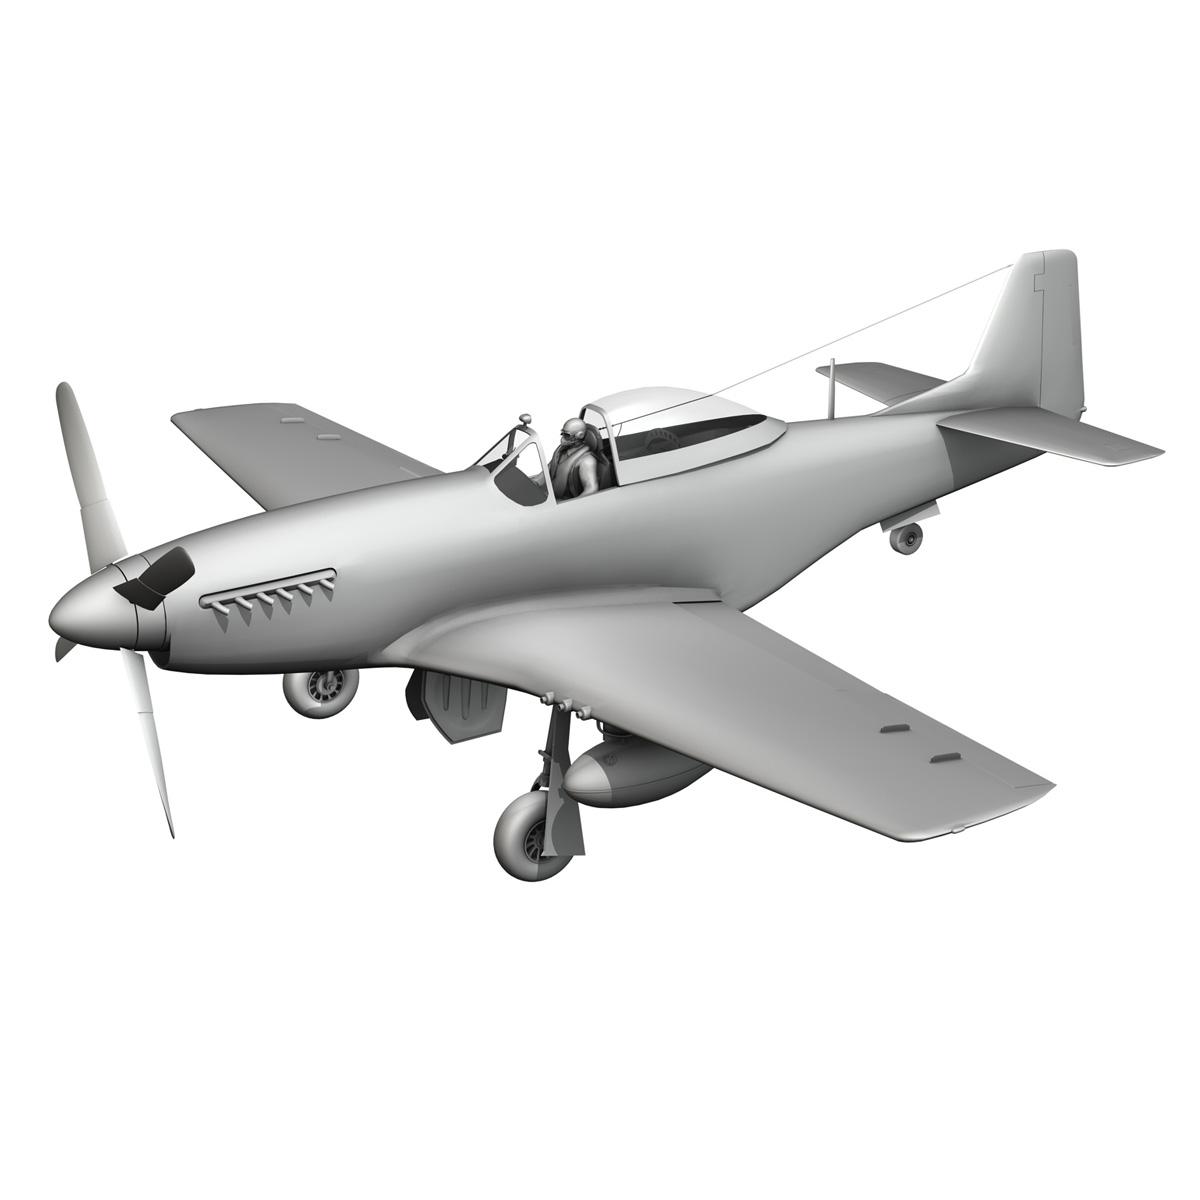 North American P-51D Mustang - IDF 3d model fbx c4d lwo lws lw obj 273324